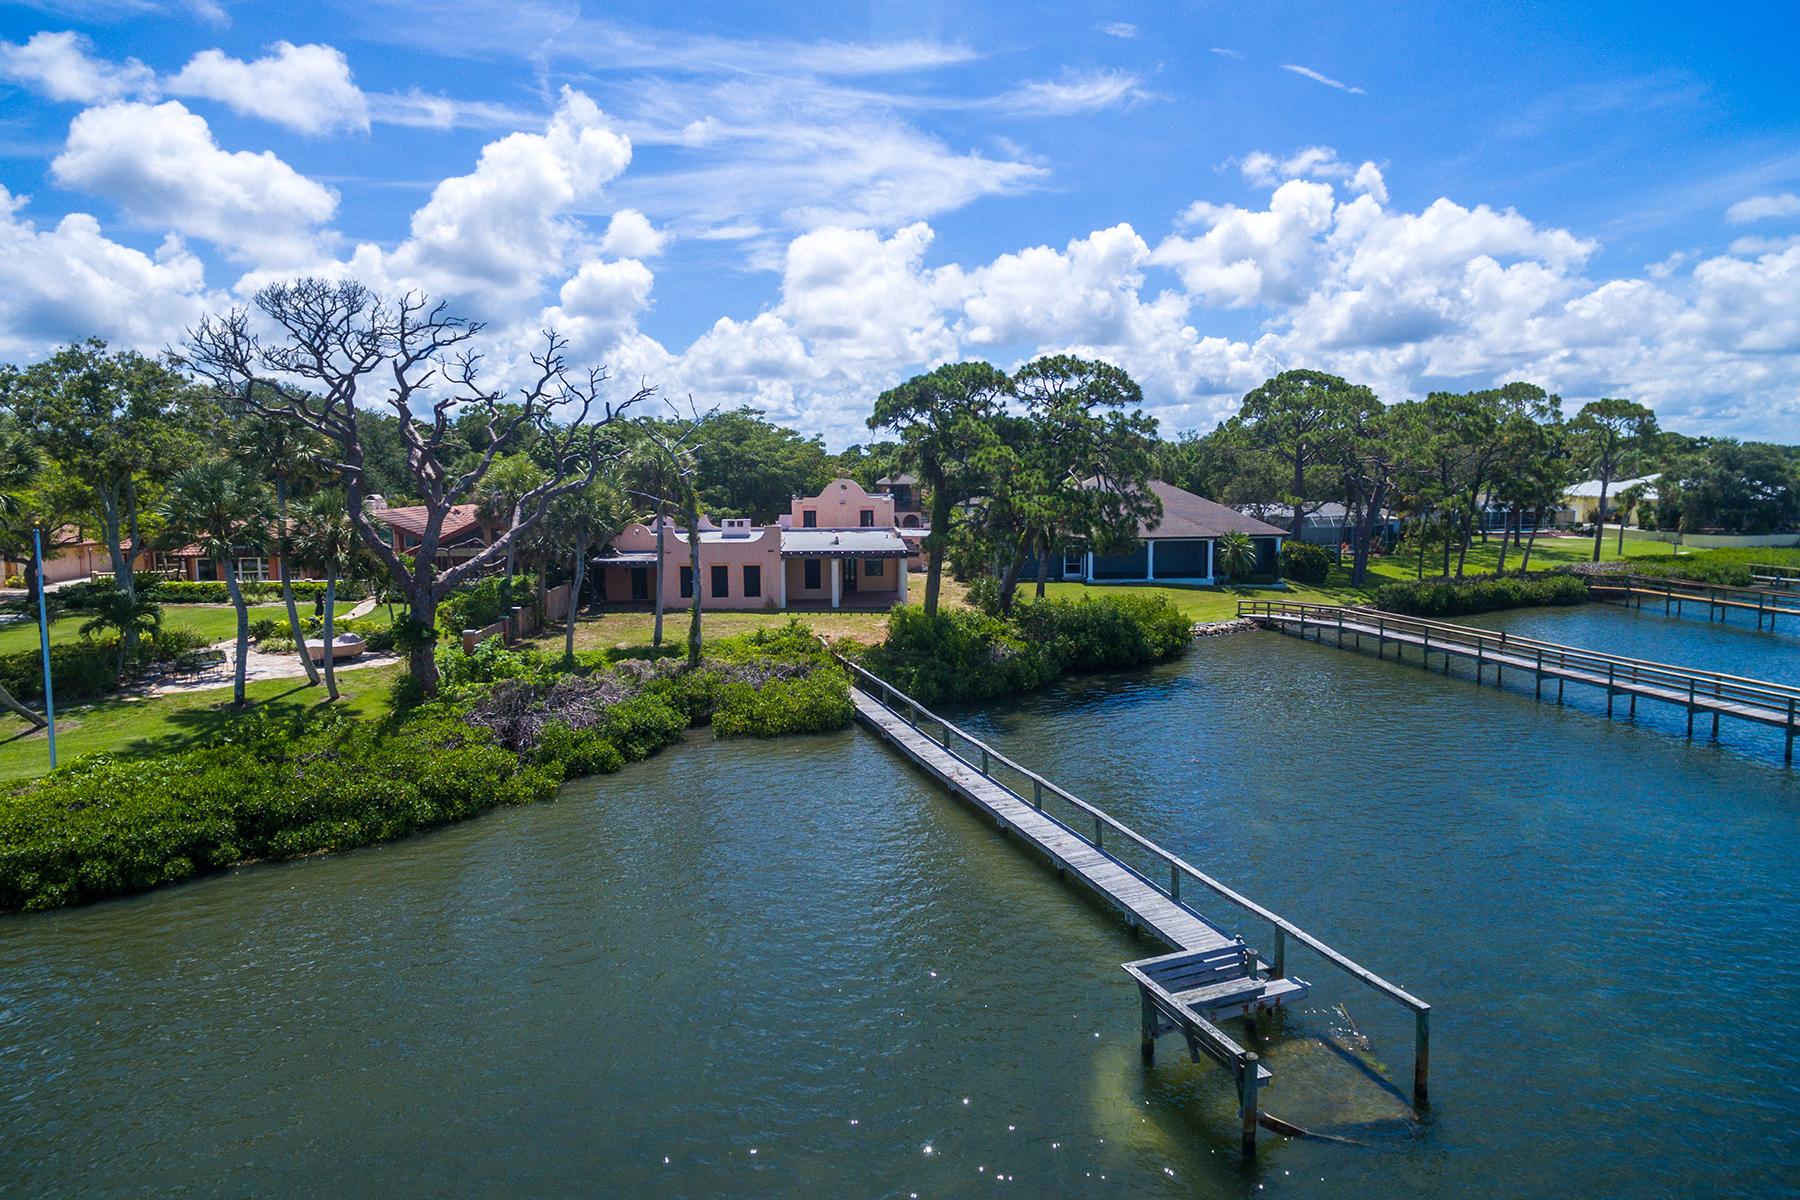 Частный односемейный дом для того Продажа на NOKOMIS 2321 Bayshore Rd Nokomis, Флорида, 34275 Соединенные Штаты